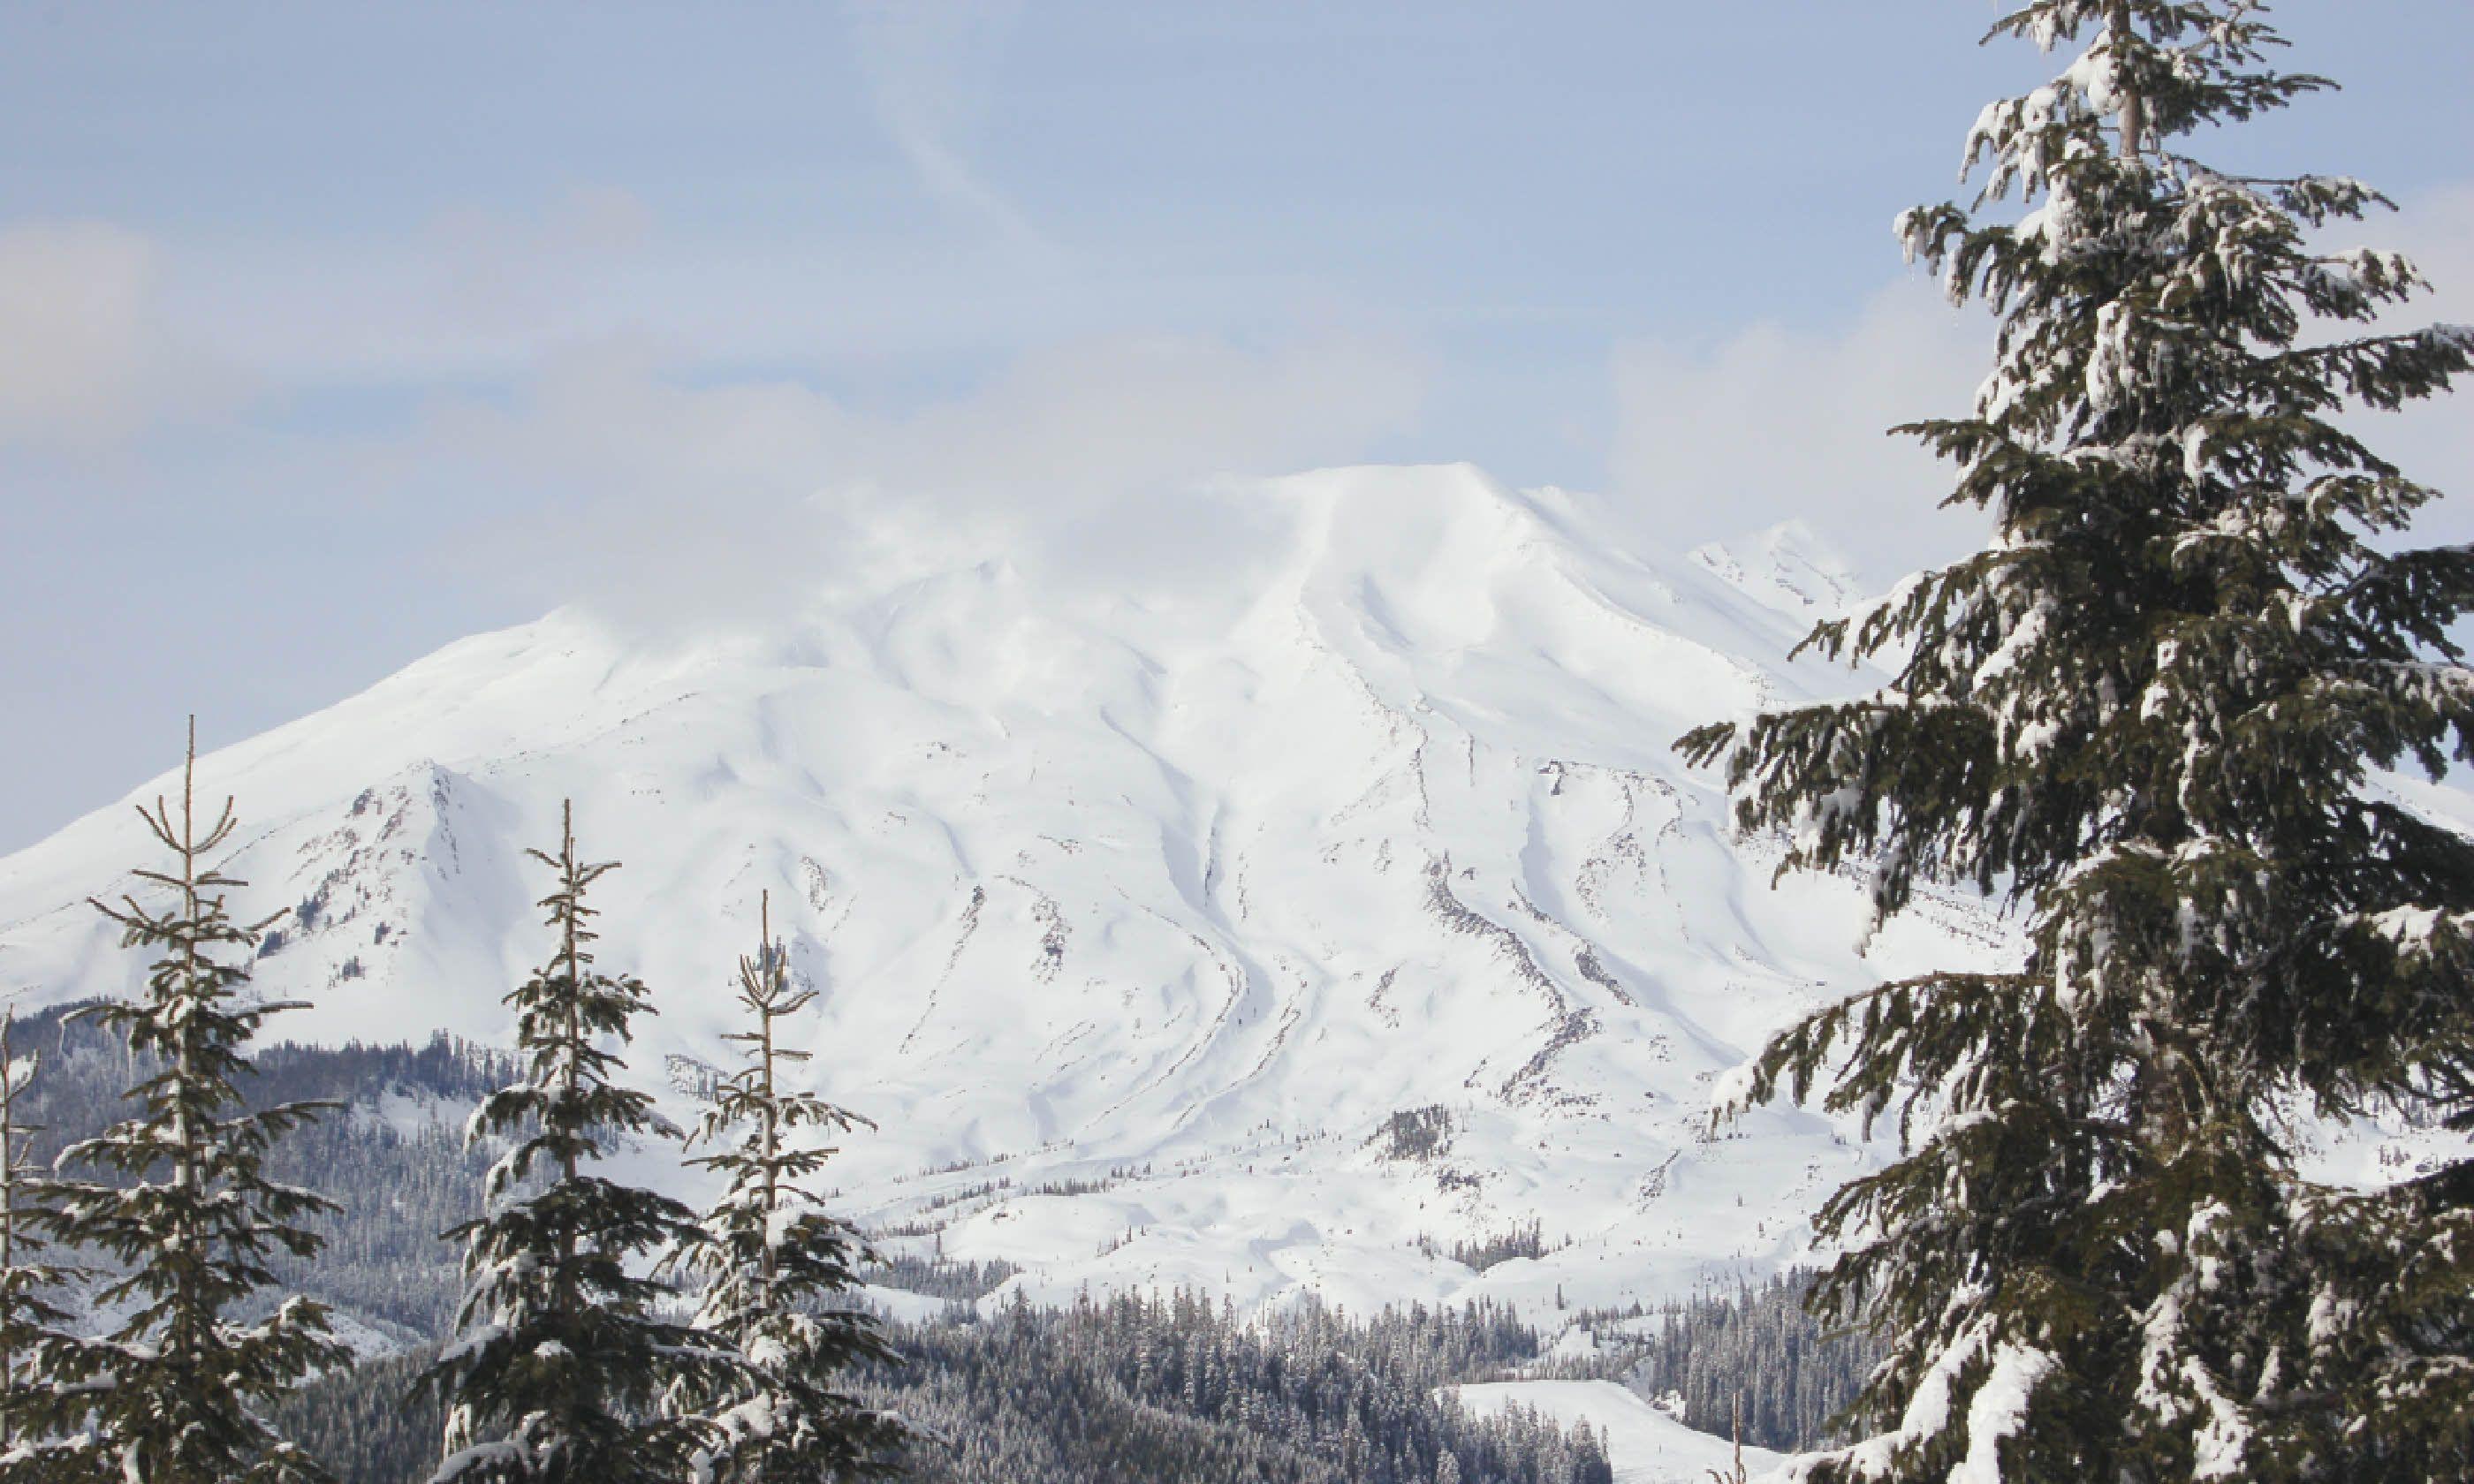 Mount St. Helens, USA (Shutterstock)